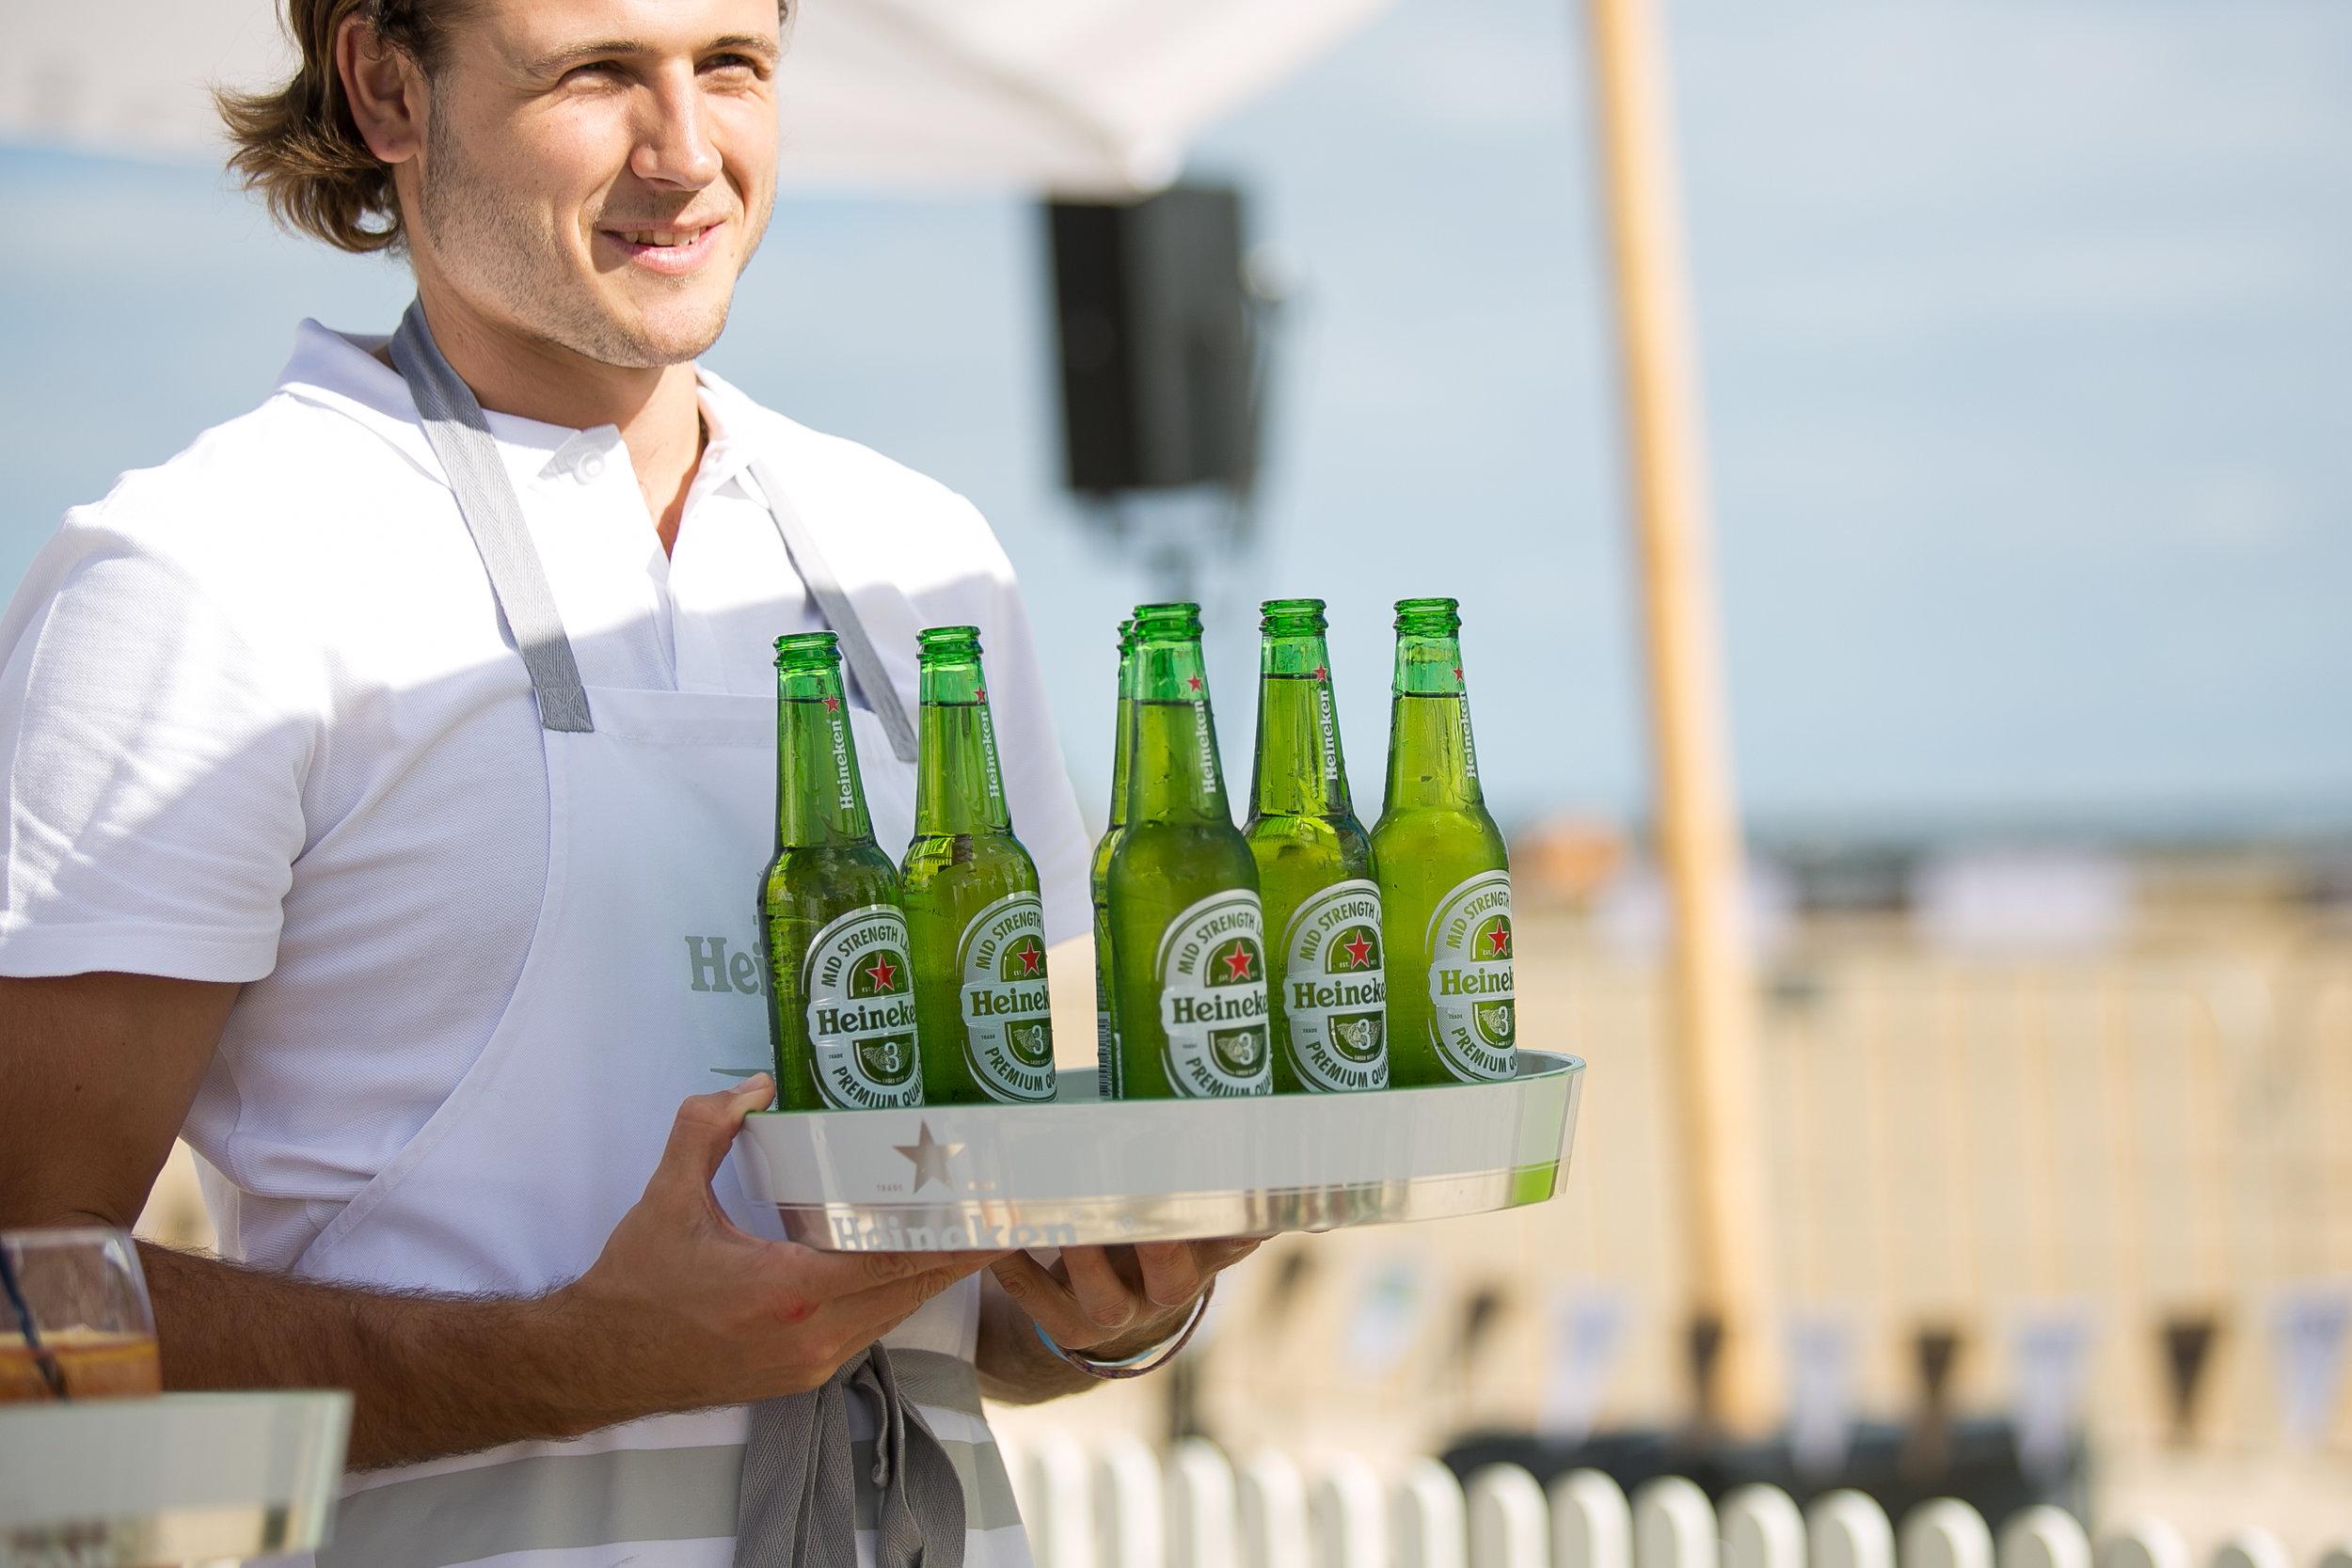 Heineken_Polo_5.JPG